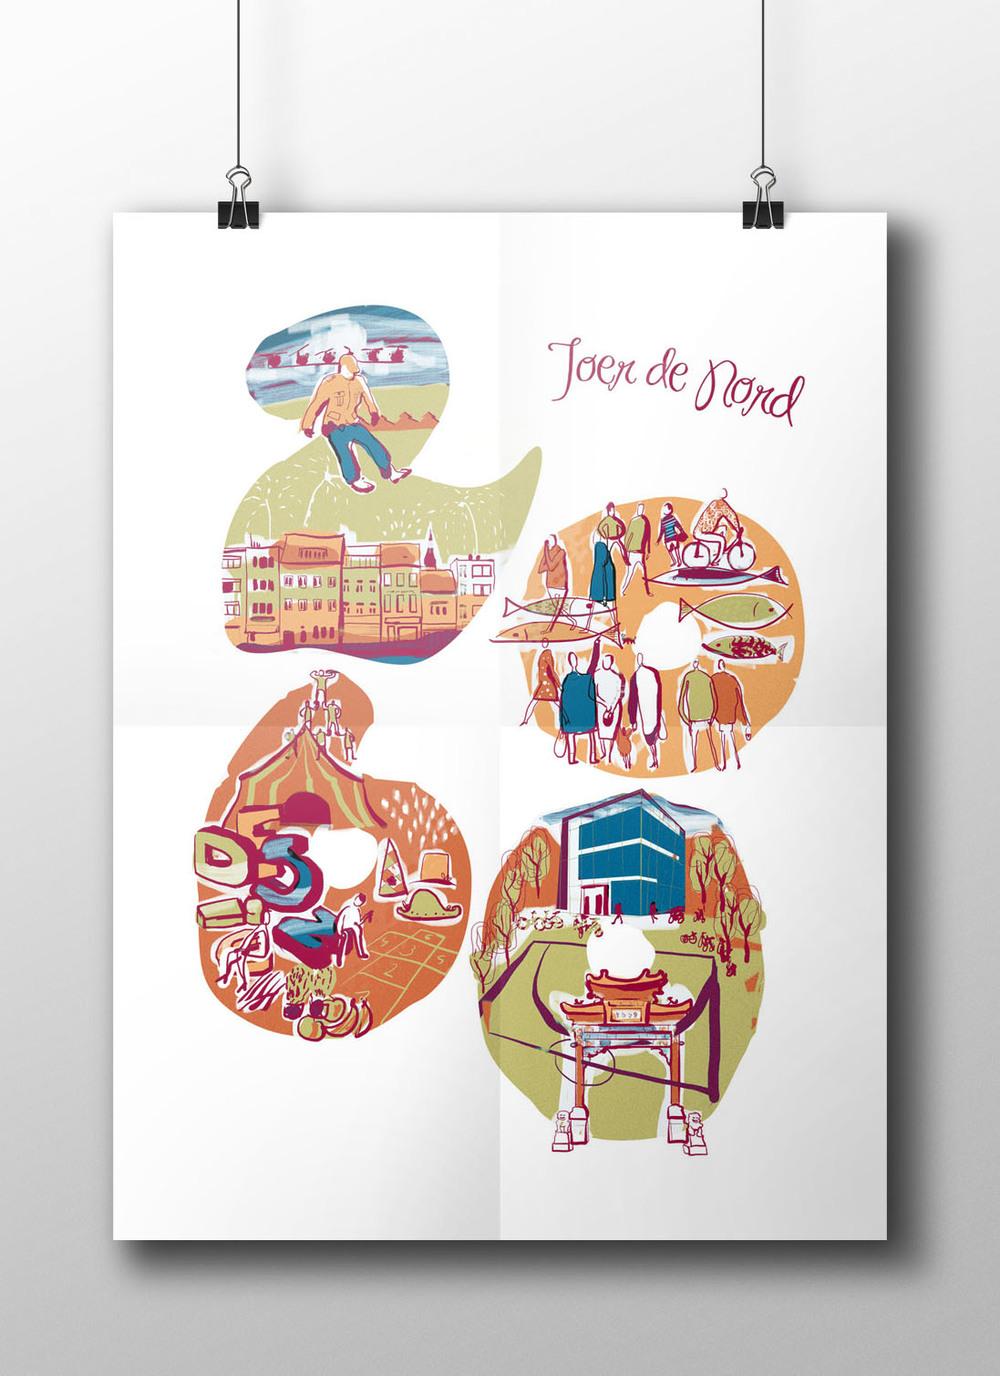 Ilustración para la promoción editorial del Festival de Artes del barrio 2060 en Amberes, Bélgica